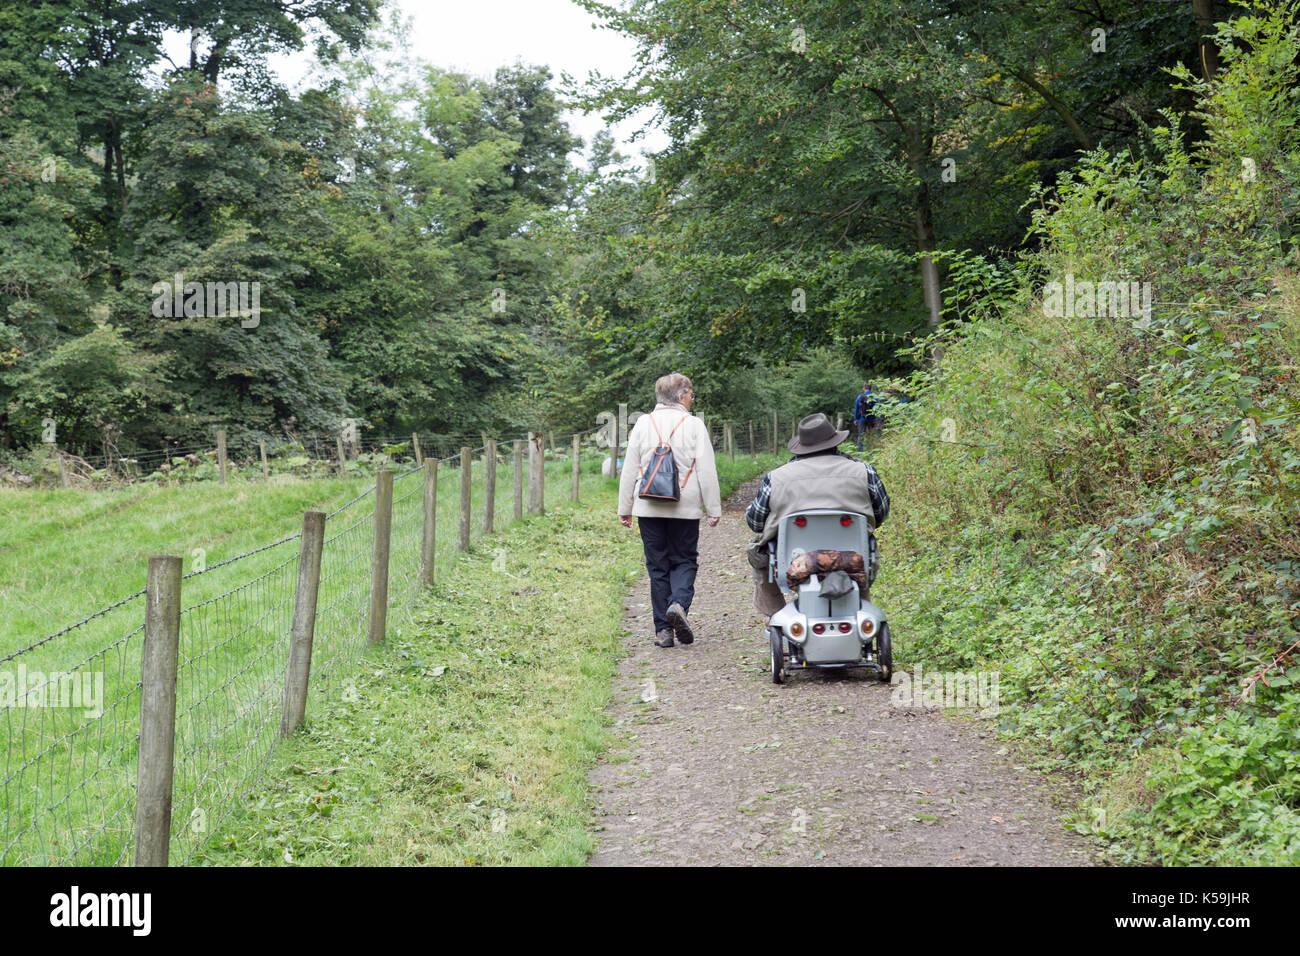 Septembre 2017, un couple, une mobilité et en utilisant une aide à la mobilité voyager sur un chemin dans la campagne. Photo Stock